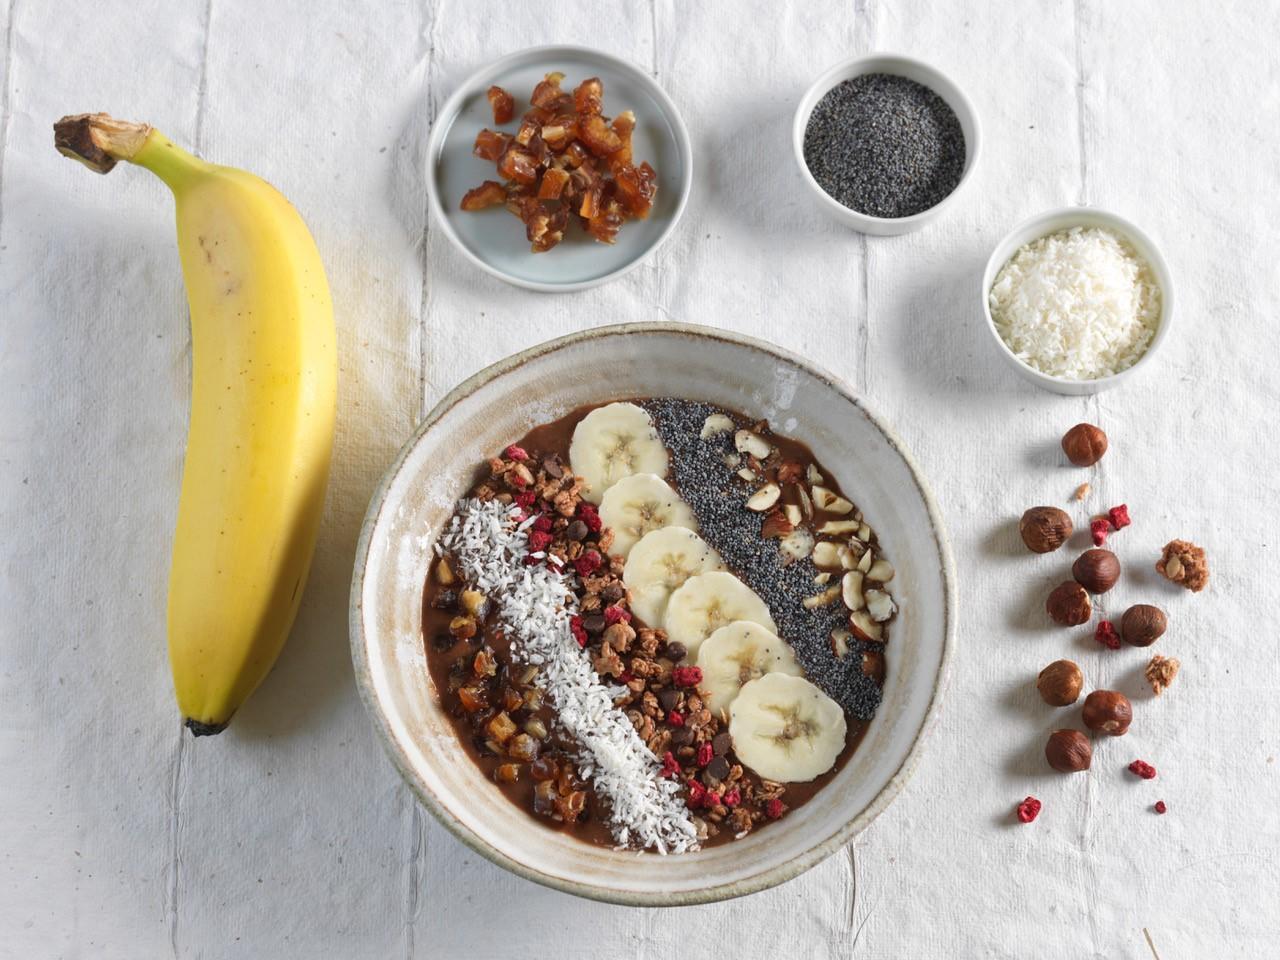 recette-smoothie-bowl-chocolat-banane